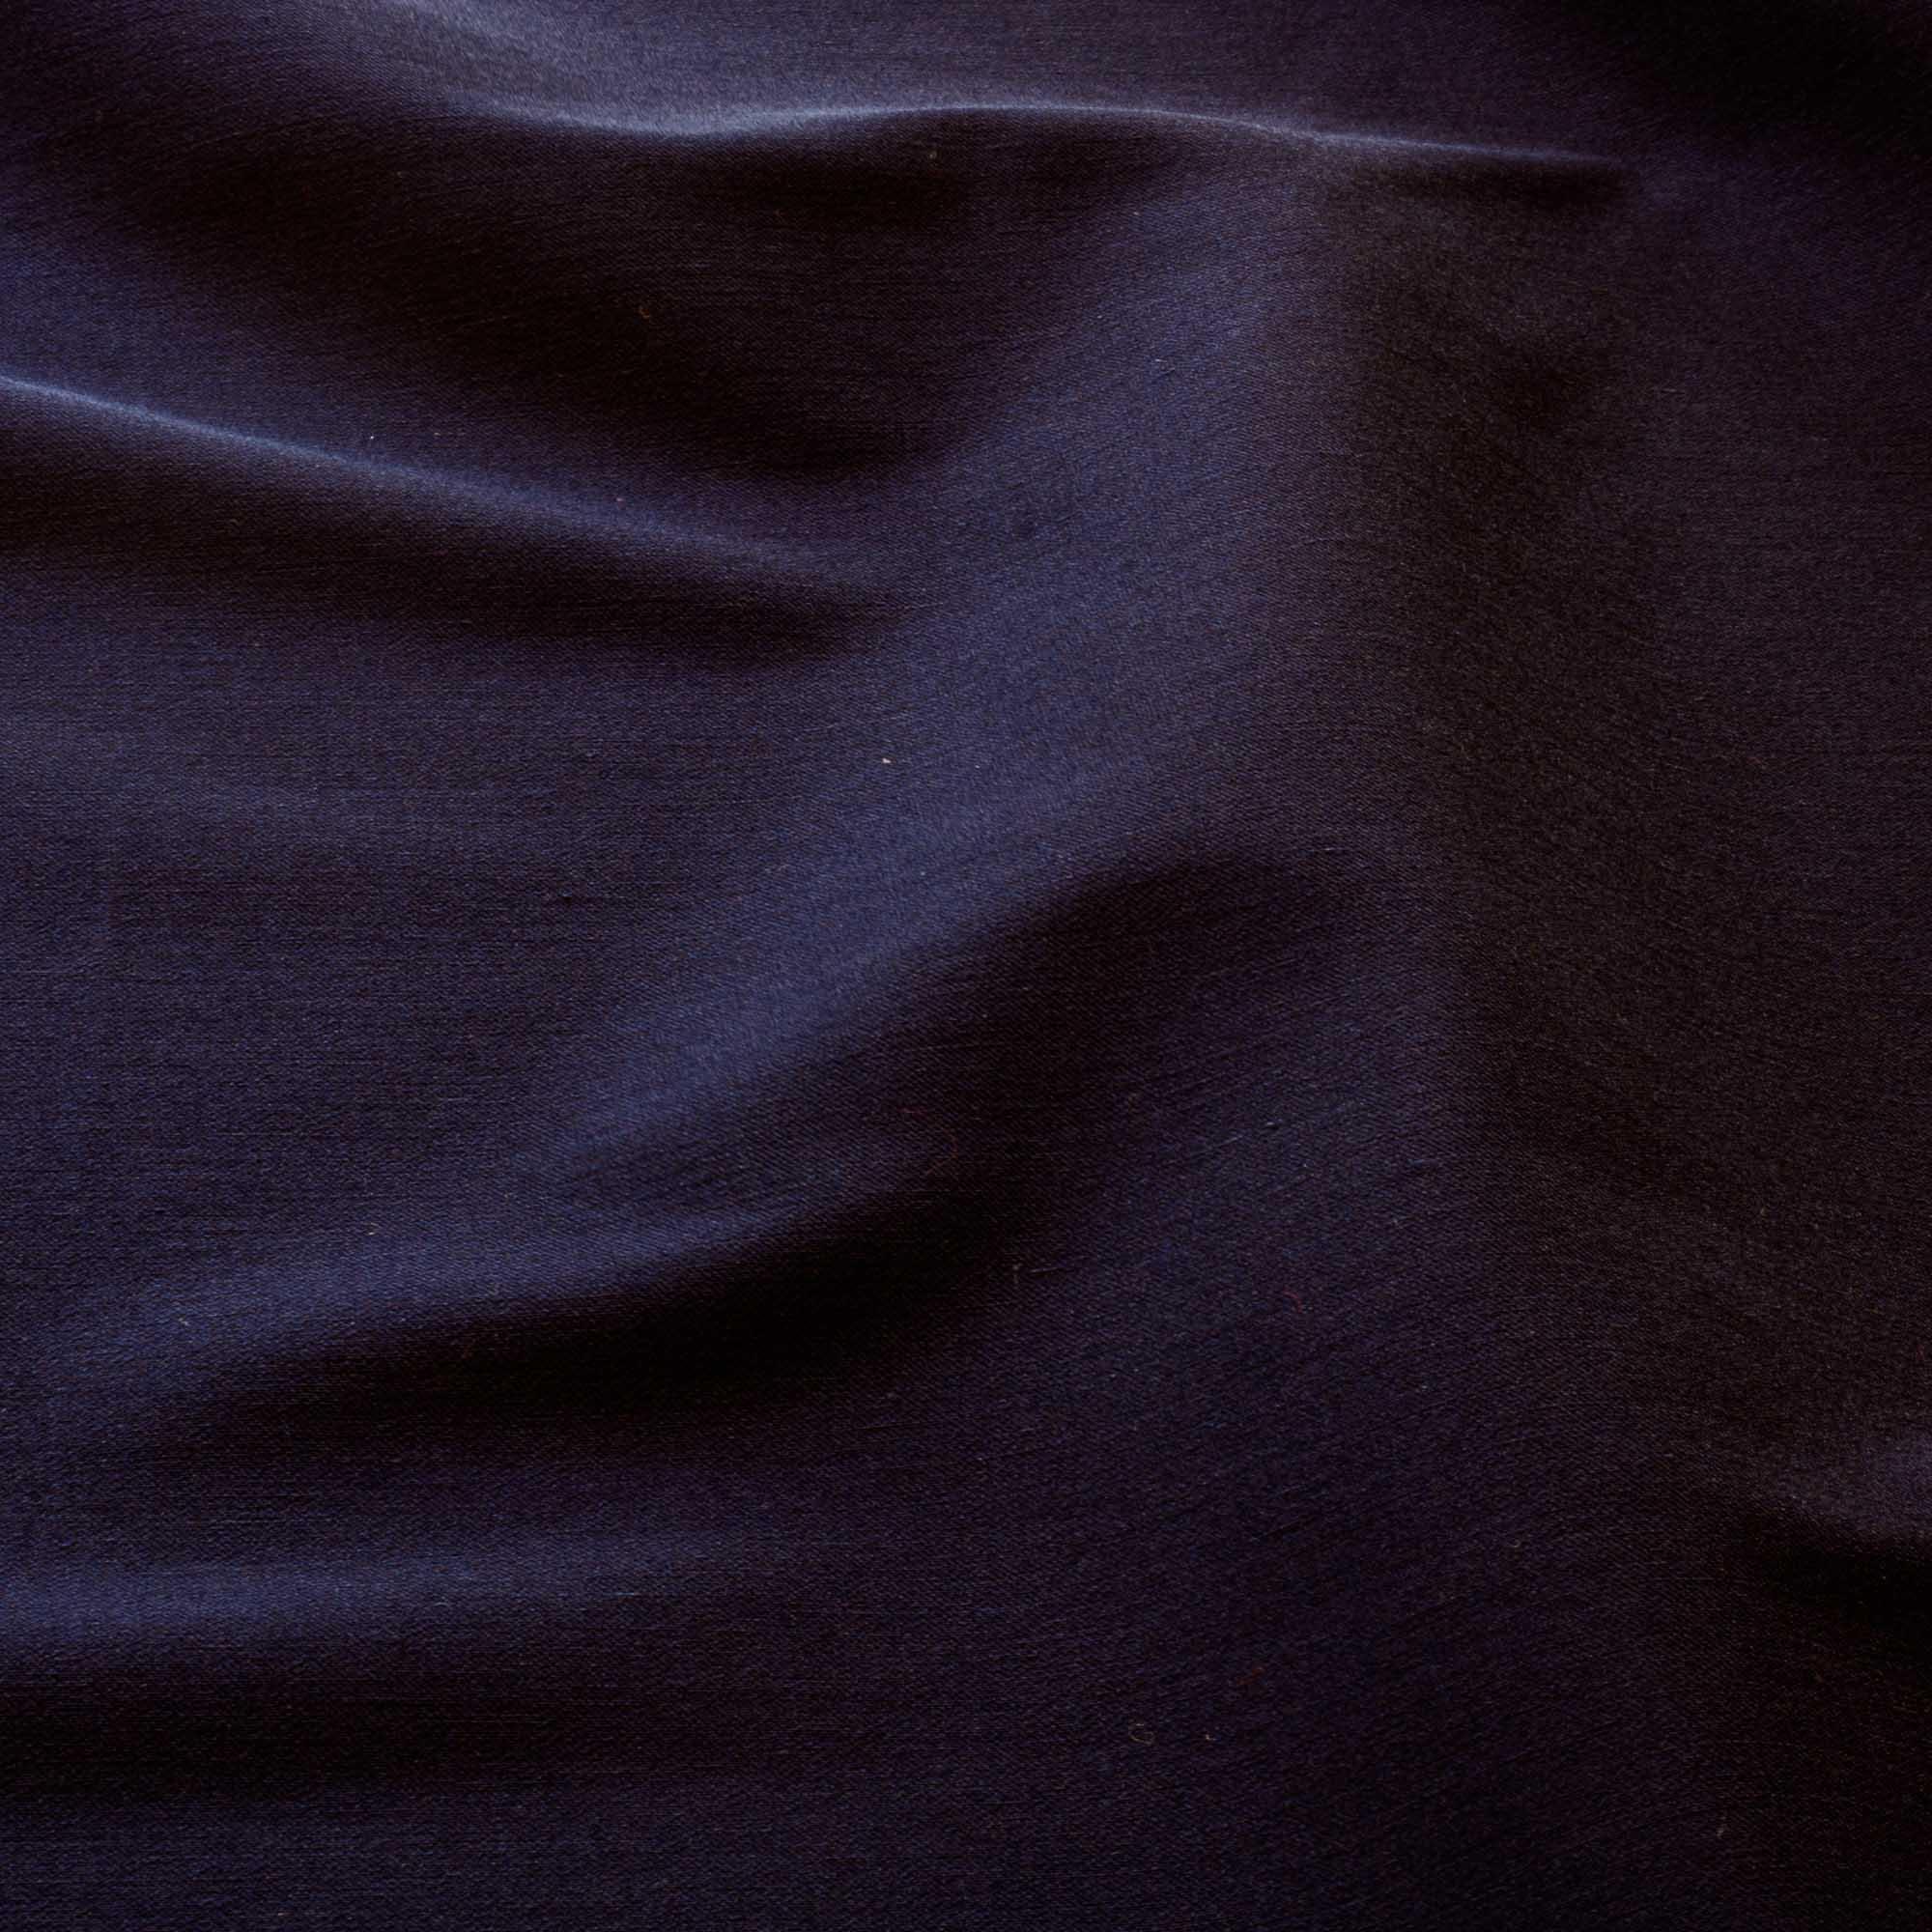 Tecido Bengaline Azul Marinho Liso 1,45 Mt Largura